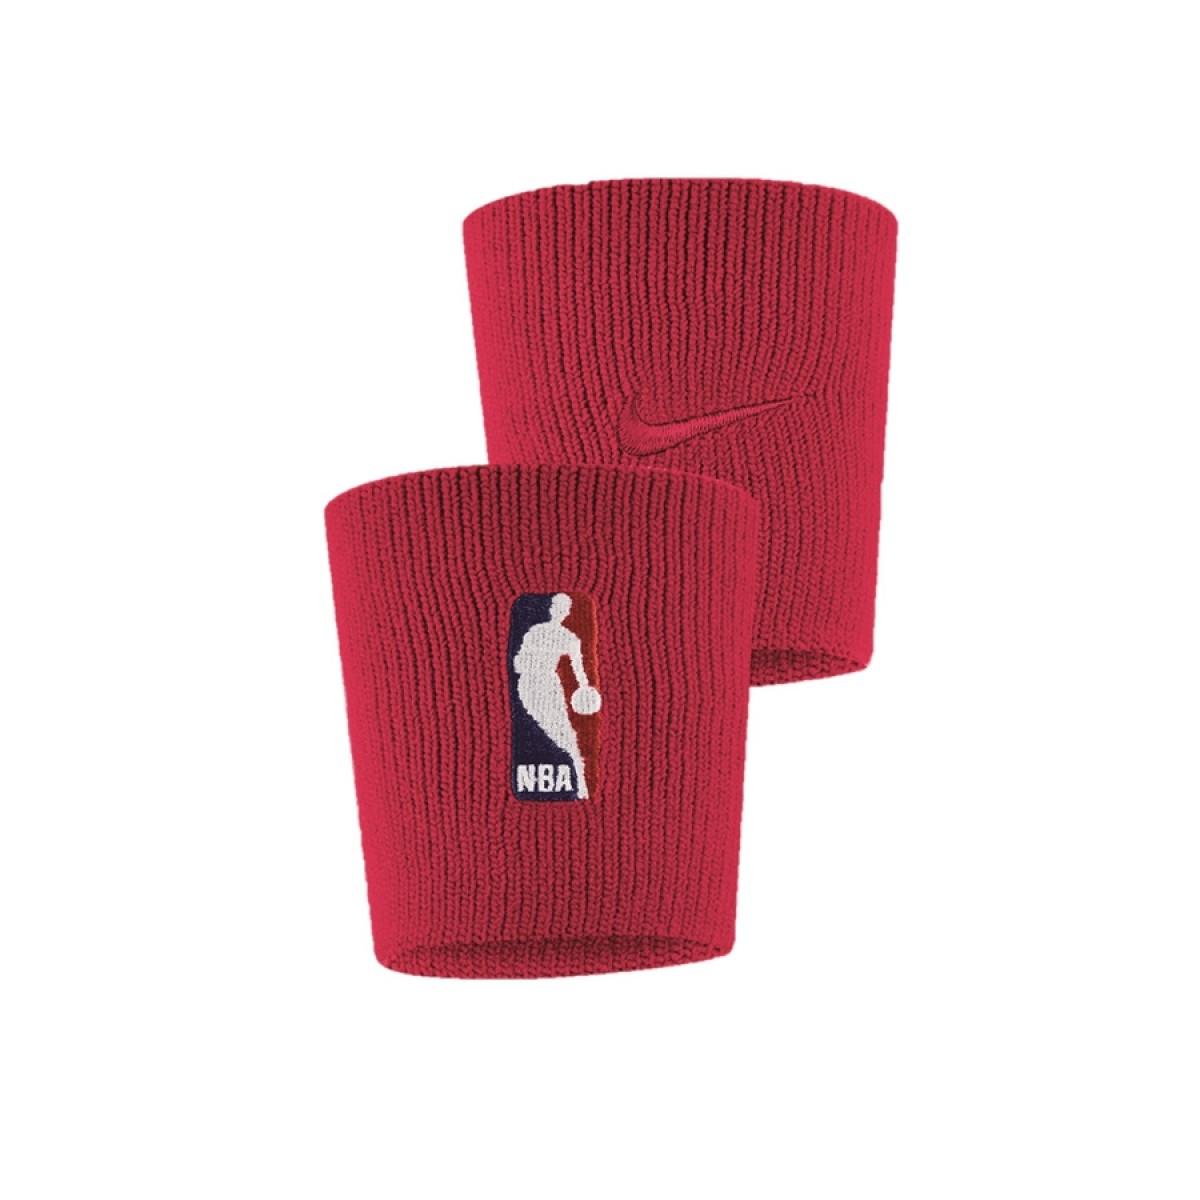 Nike Wristbands NBA 'Red'